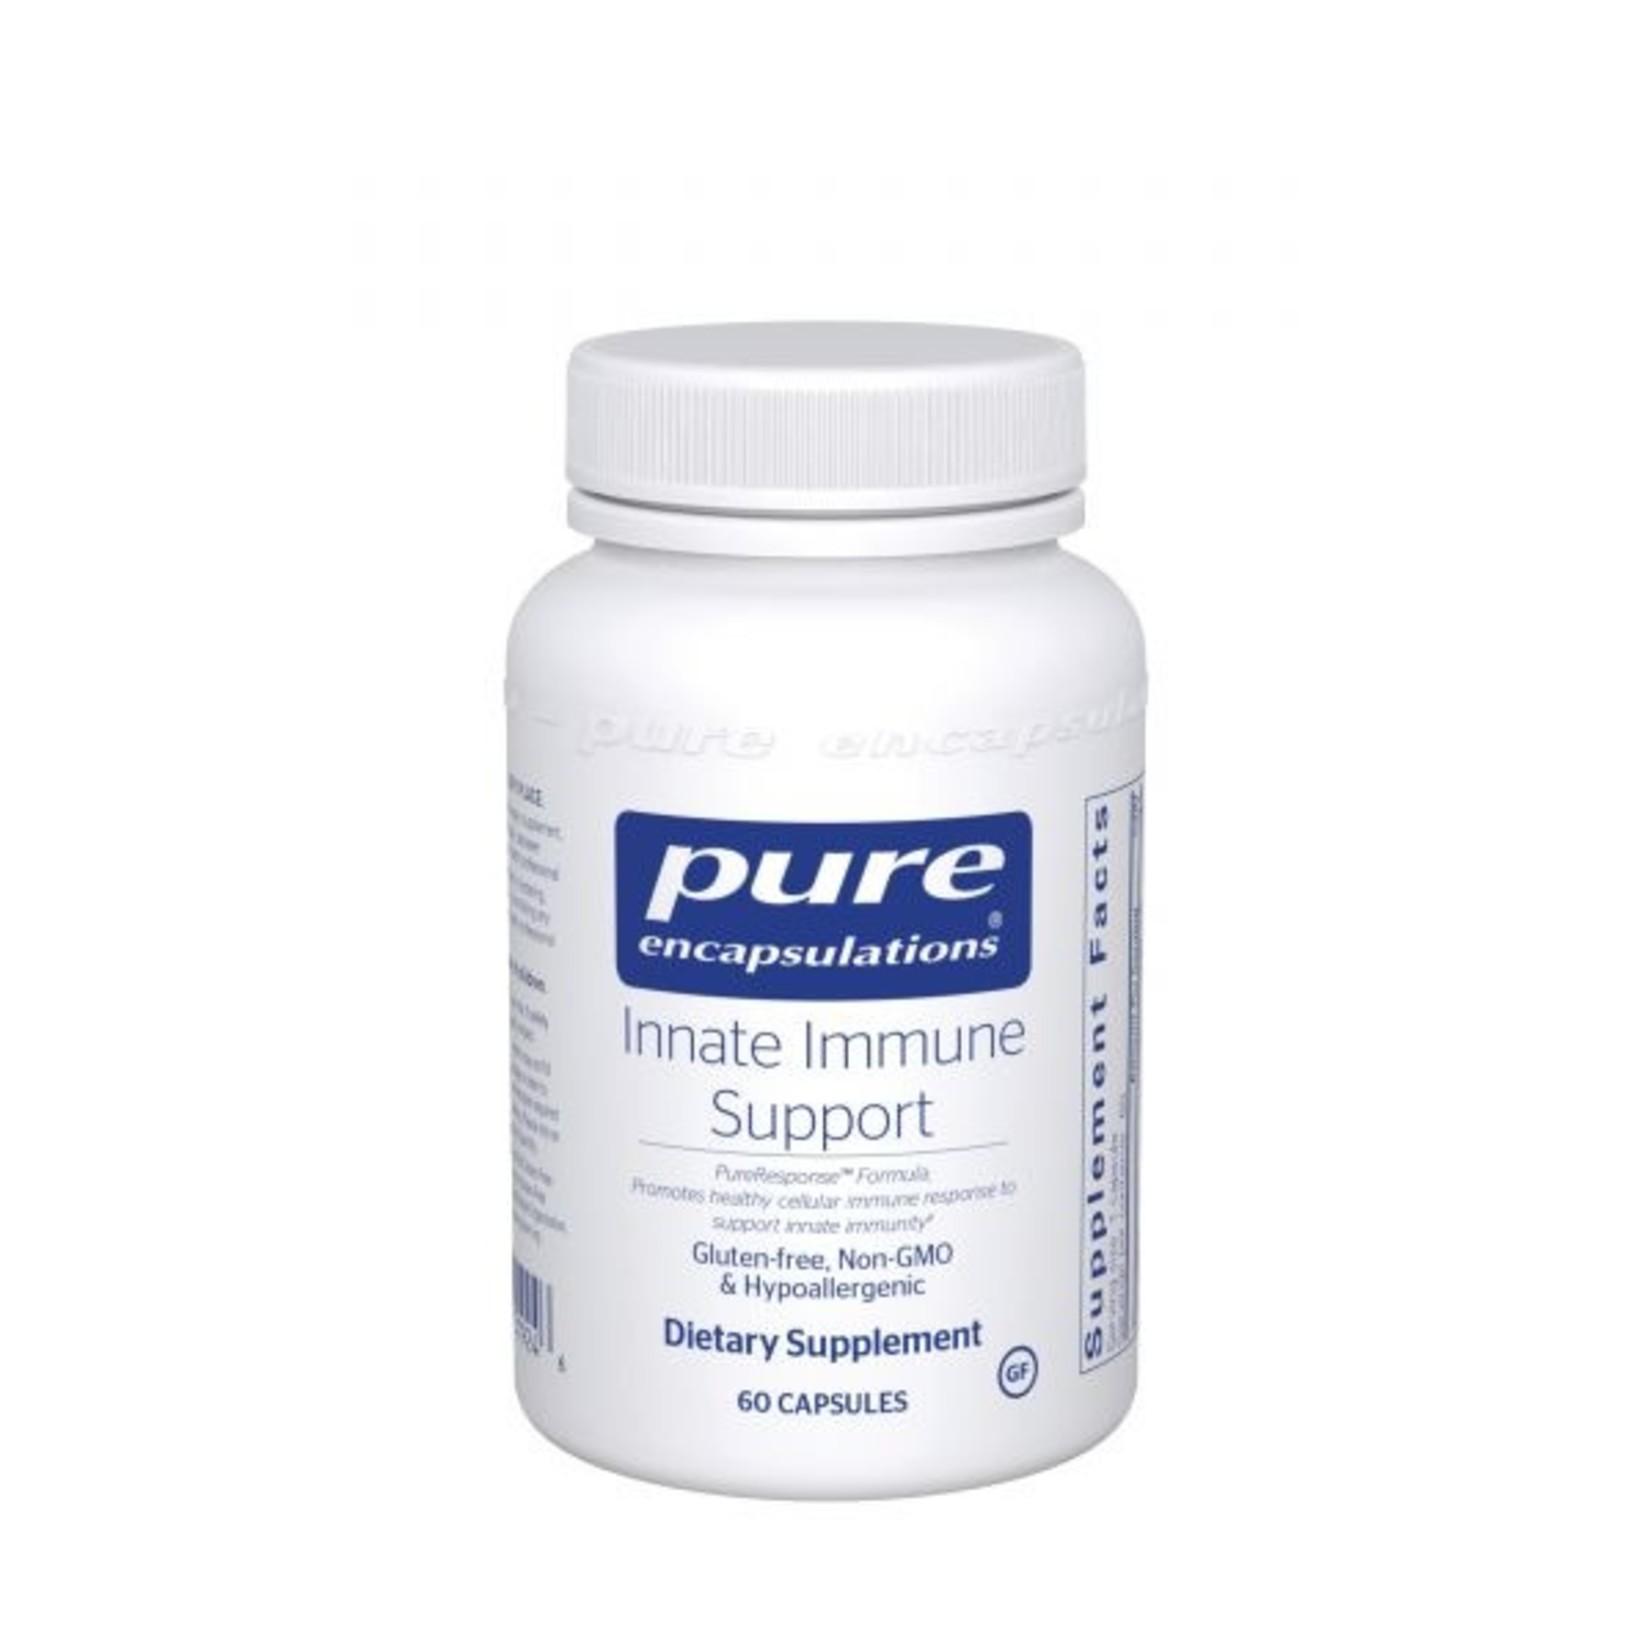 Pure Encapsulations Innate Immune Support 60 caps